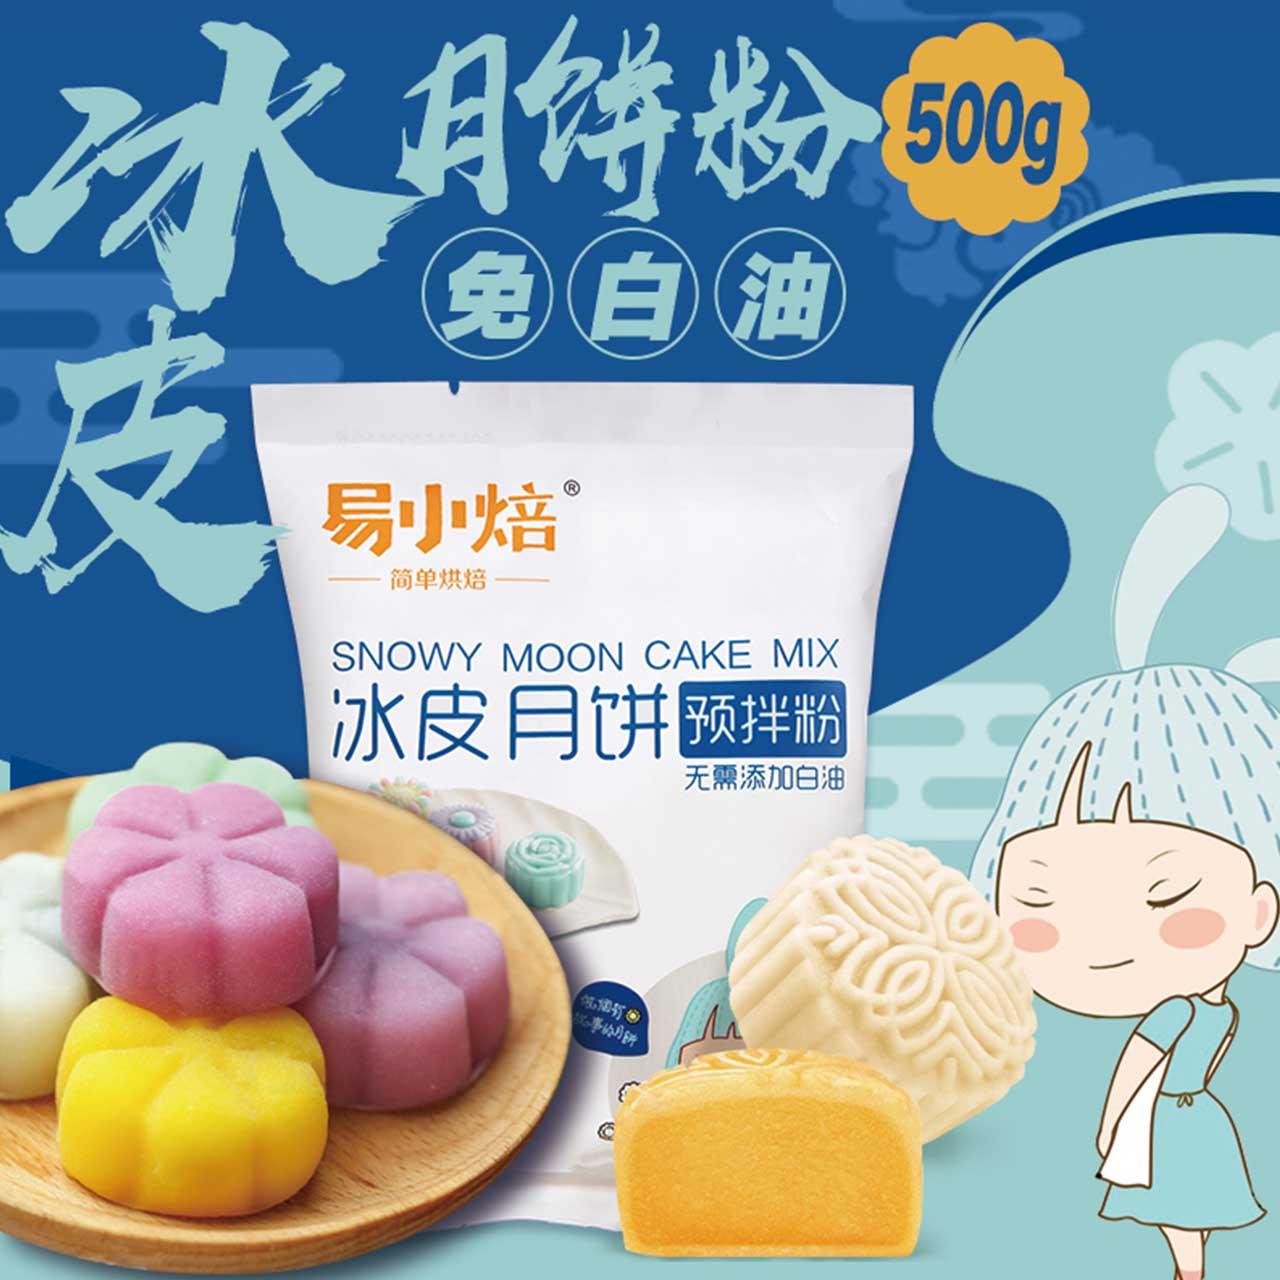 易小焙冰皮月饼粉制作材料套装自制月饼预拌粉免蒸diy套餐300g